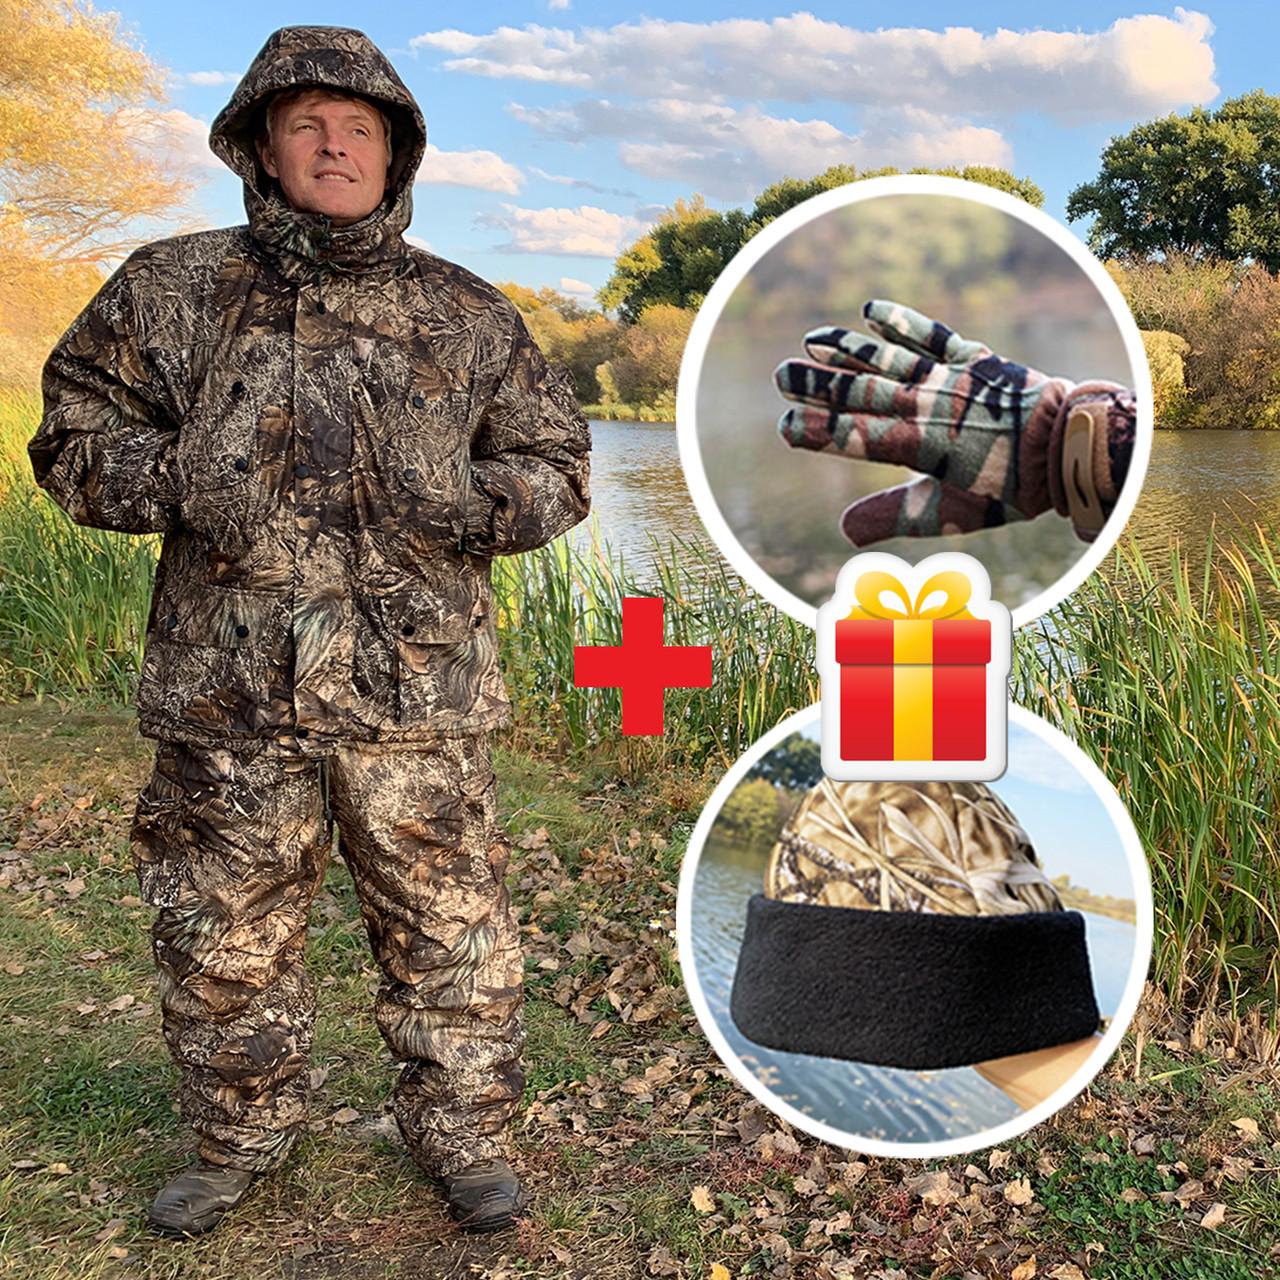 """Зимовий костюм до -40° """"Mavens Зубр"""" Хаща, для риболовлі, полювання, роботи в холоді, розмір 56-58 (031-0029)"""